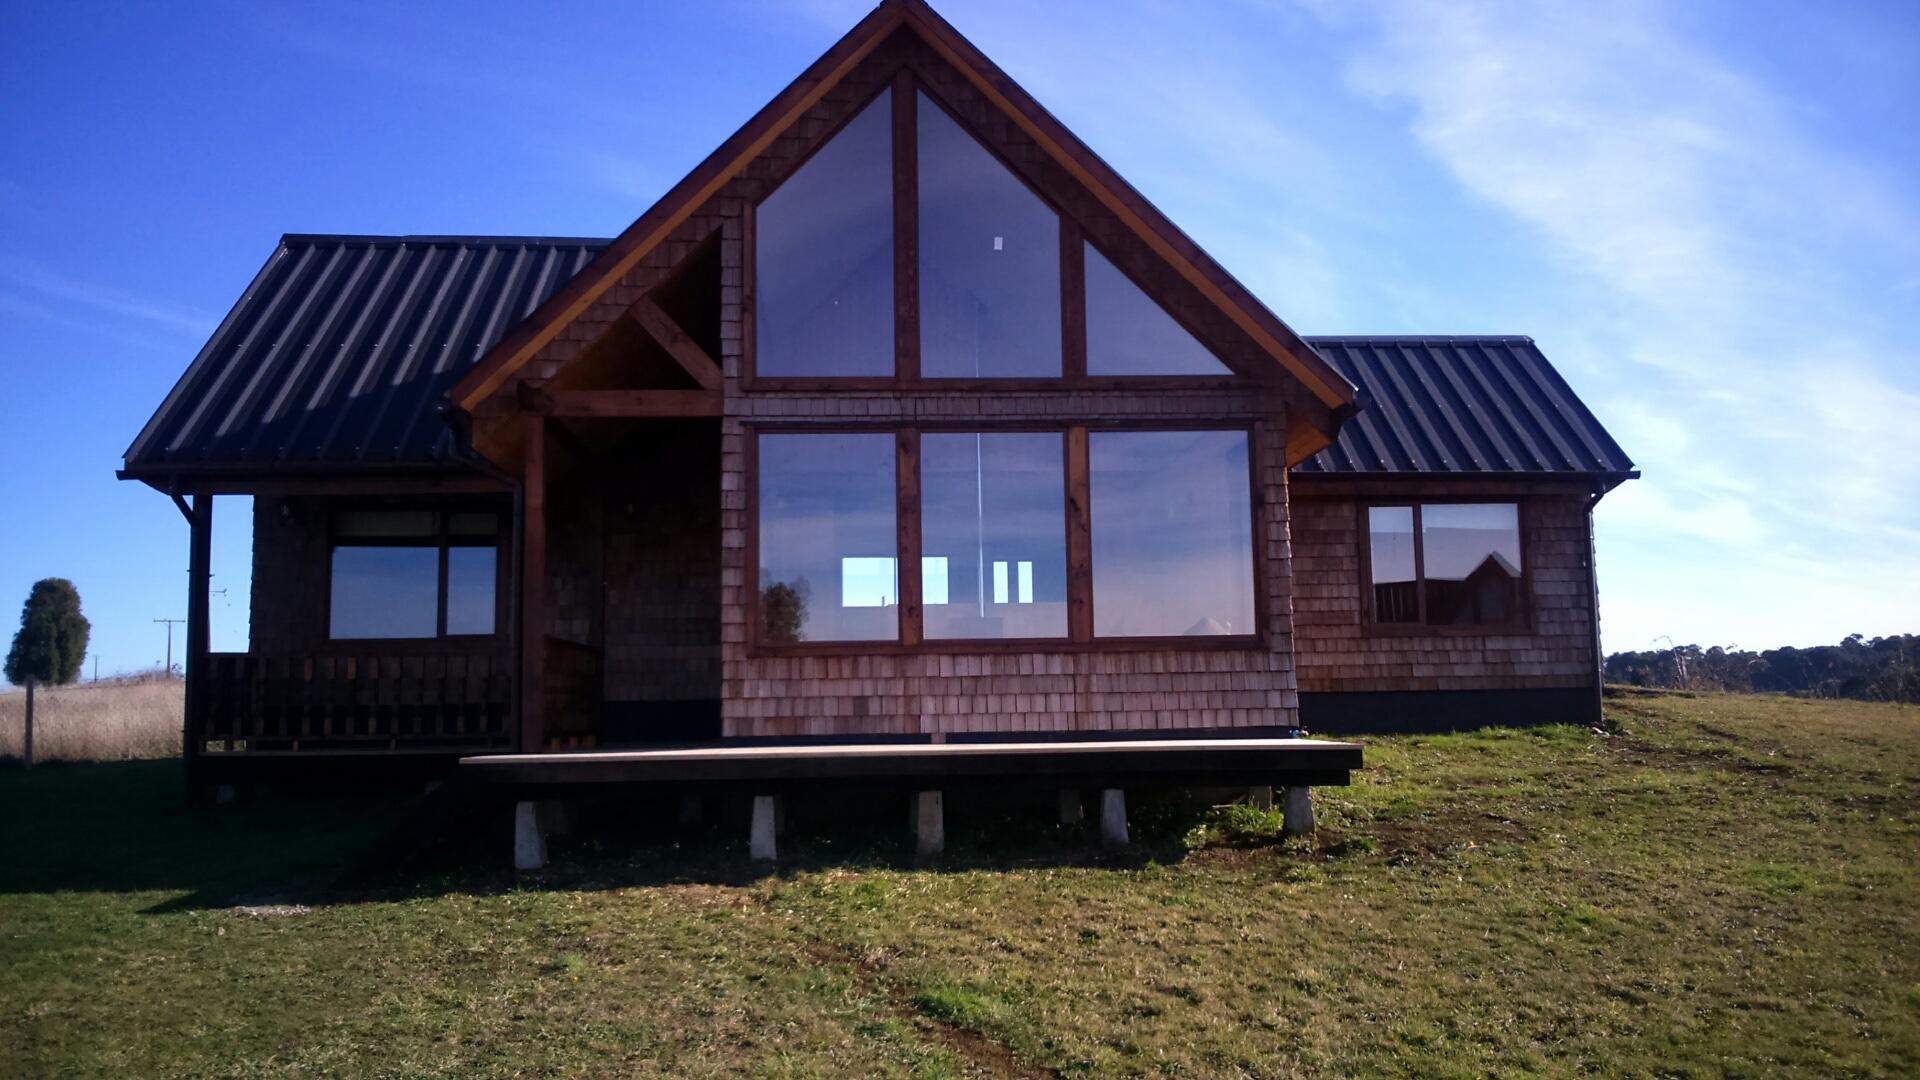 Casa en venta en frutillar goplaceit - Inmobiliaria casa 10 ...